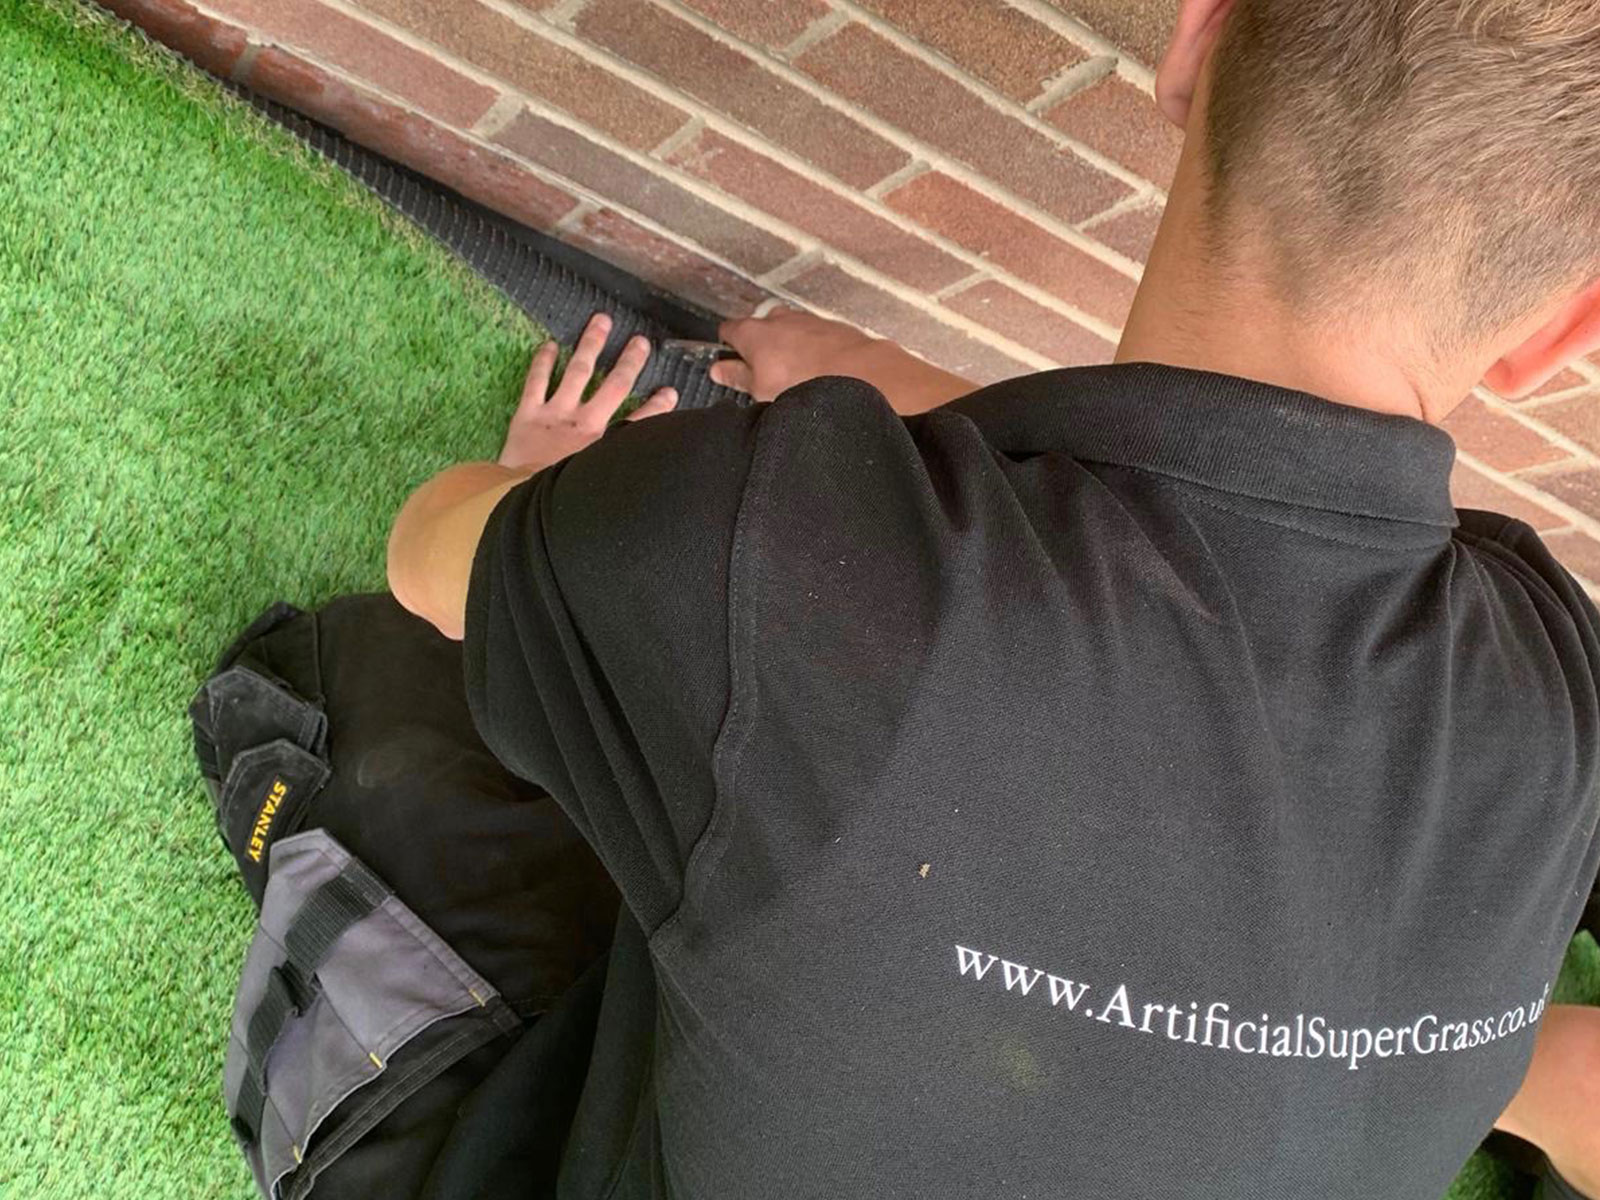 Artificial Grass Stroud Artificial Super Grass